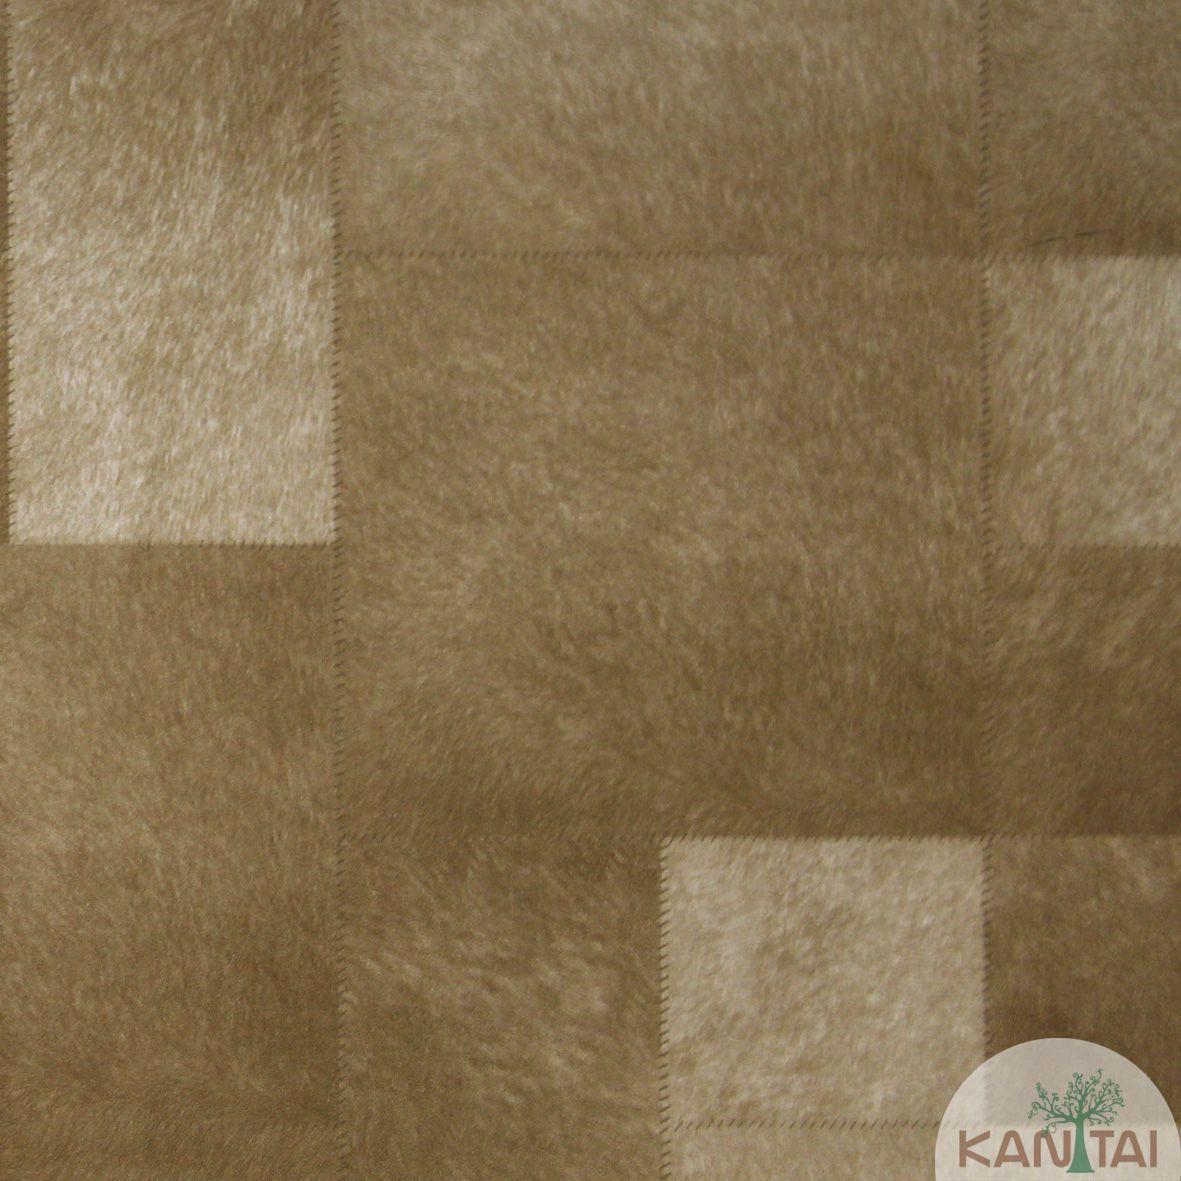 Papel de Parede Importado Kan Tai  Vinílico Coleção Grace Geométrico Animal print Tons Marrom